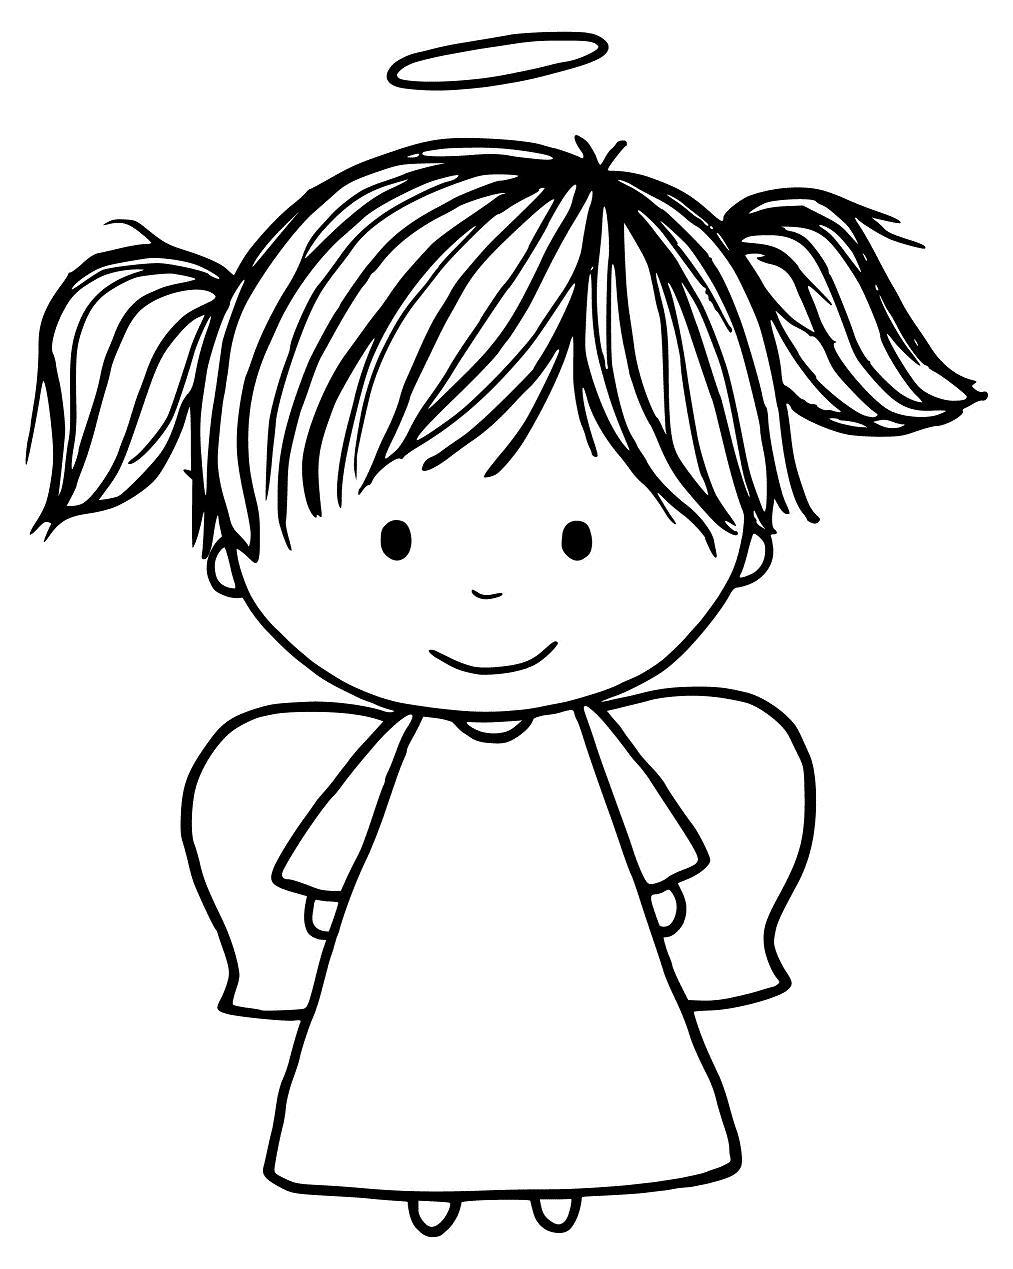 1013x1269 Gallery Cute Angel Drawings,